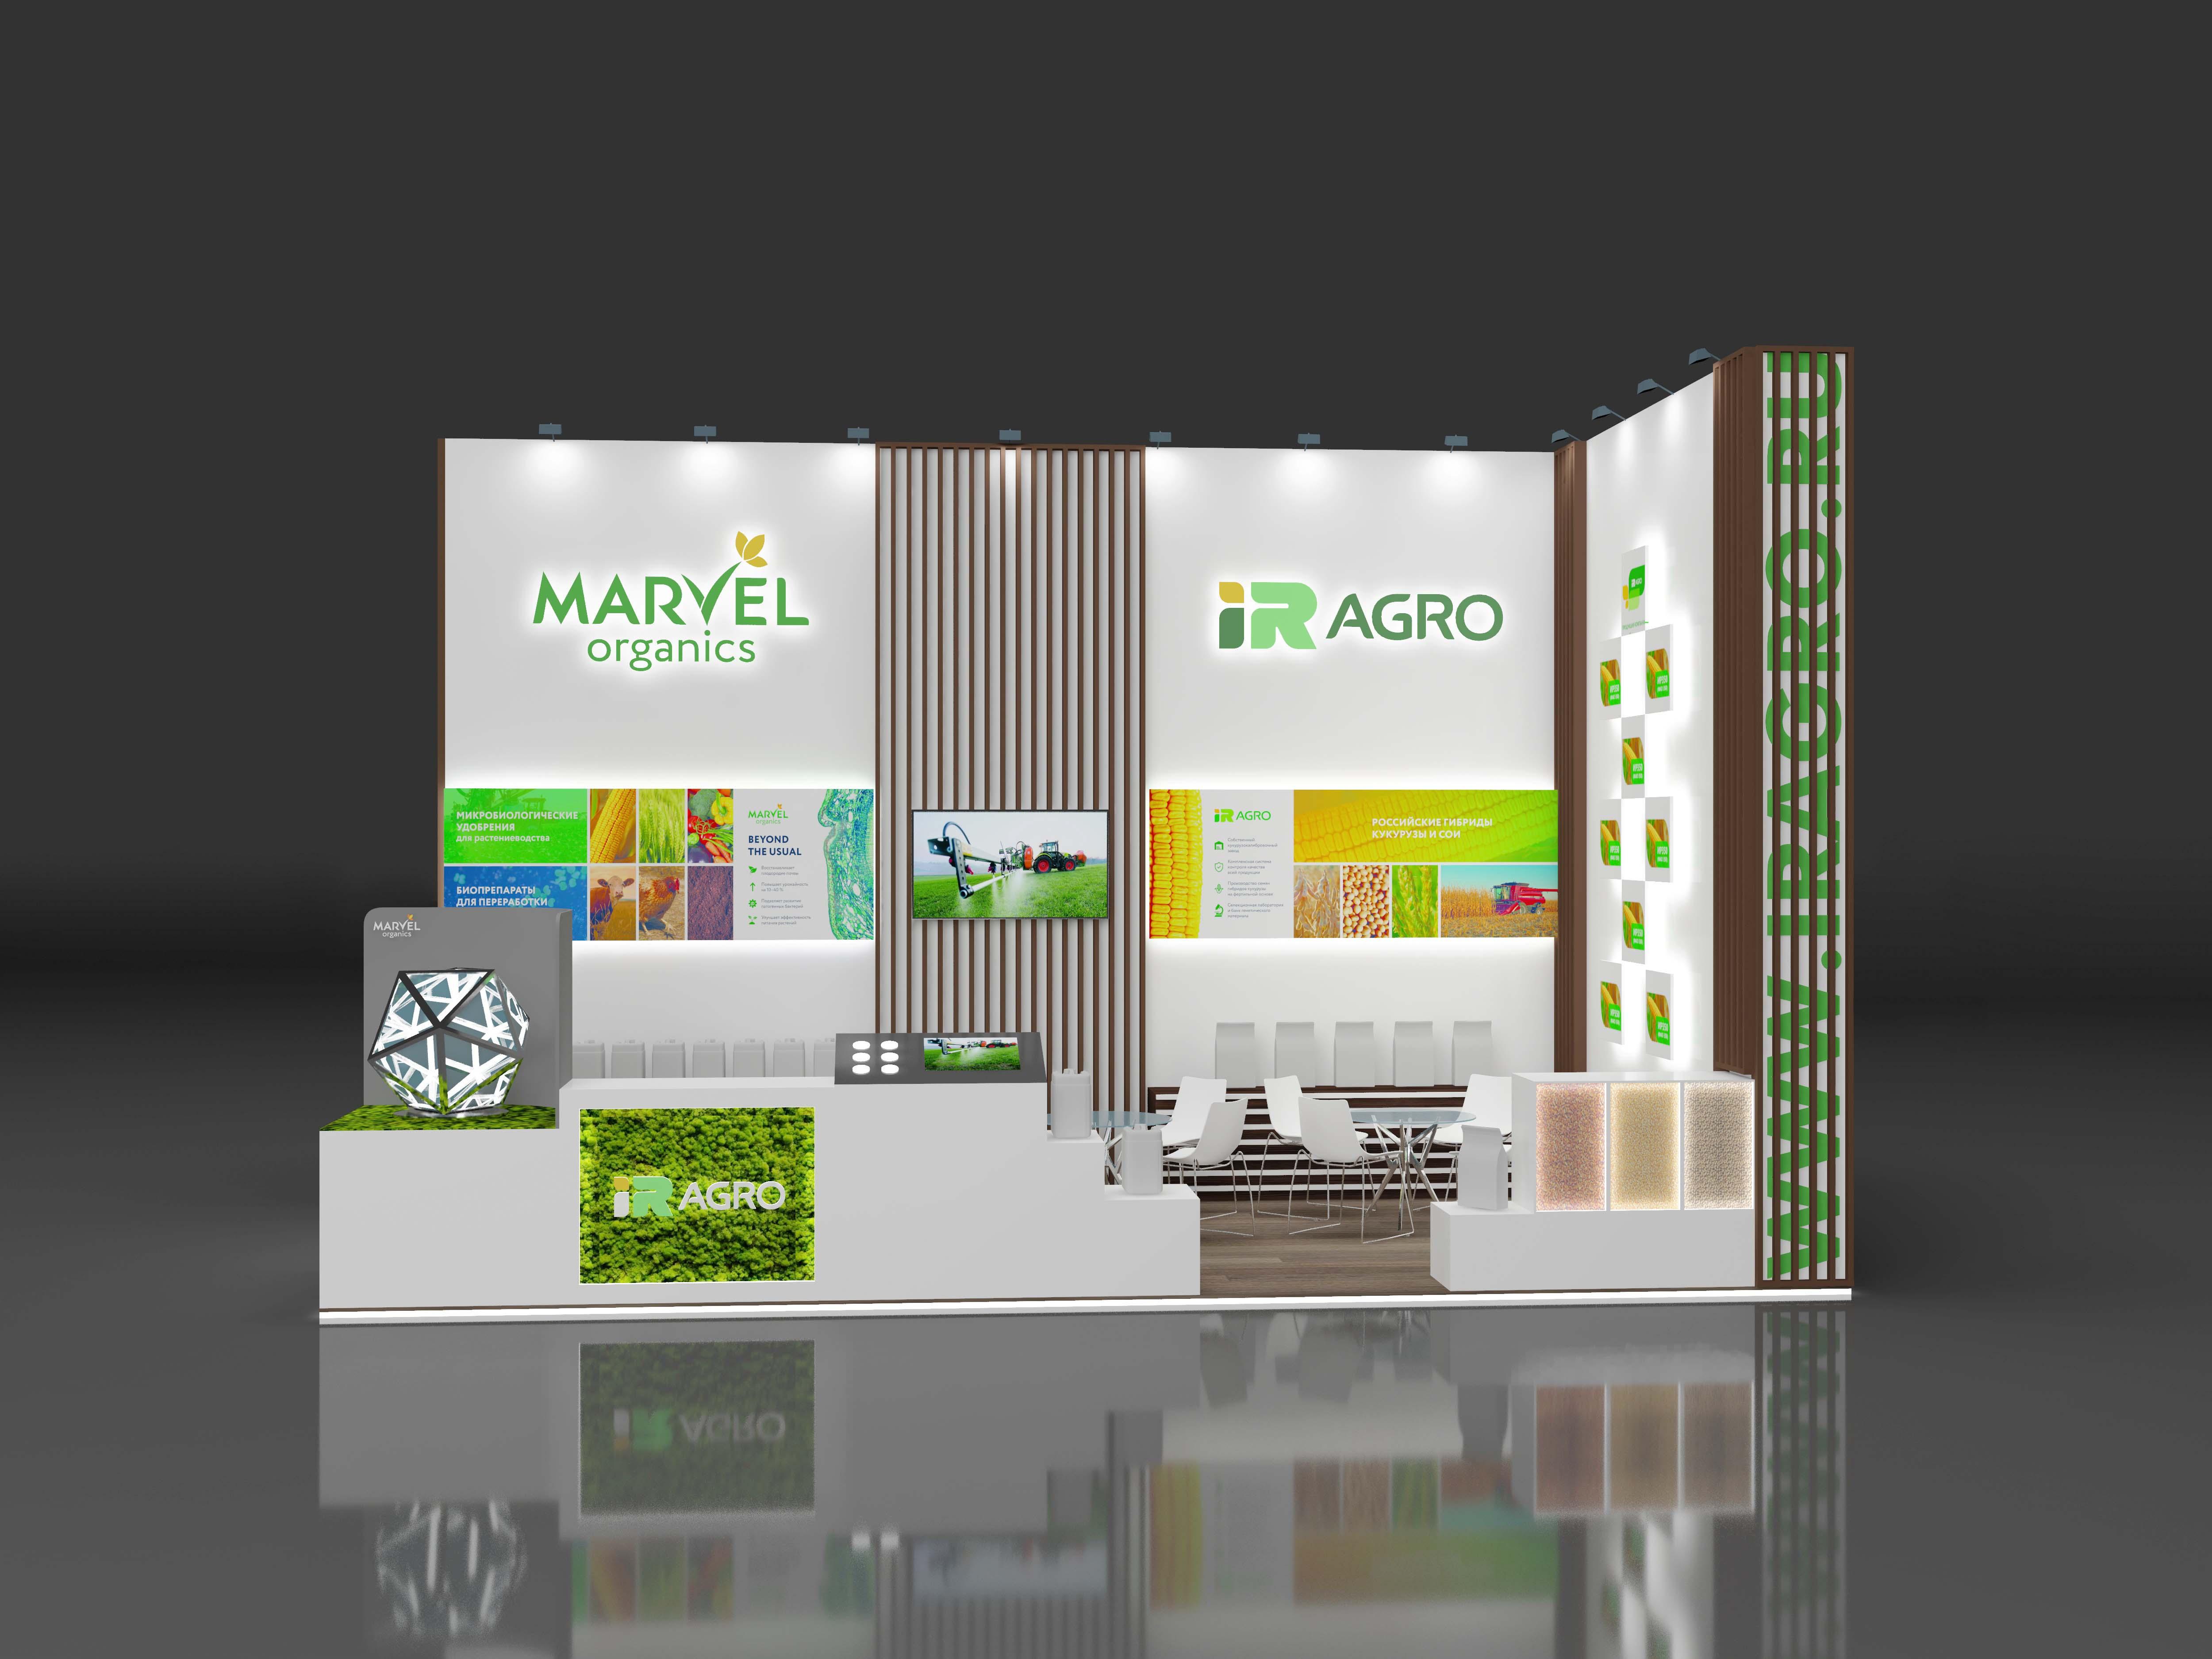 10 IR-Agro Marvel Organics 02 10 19